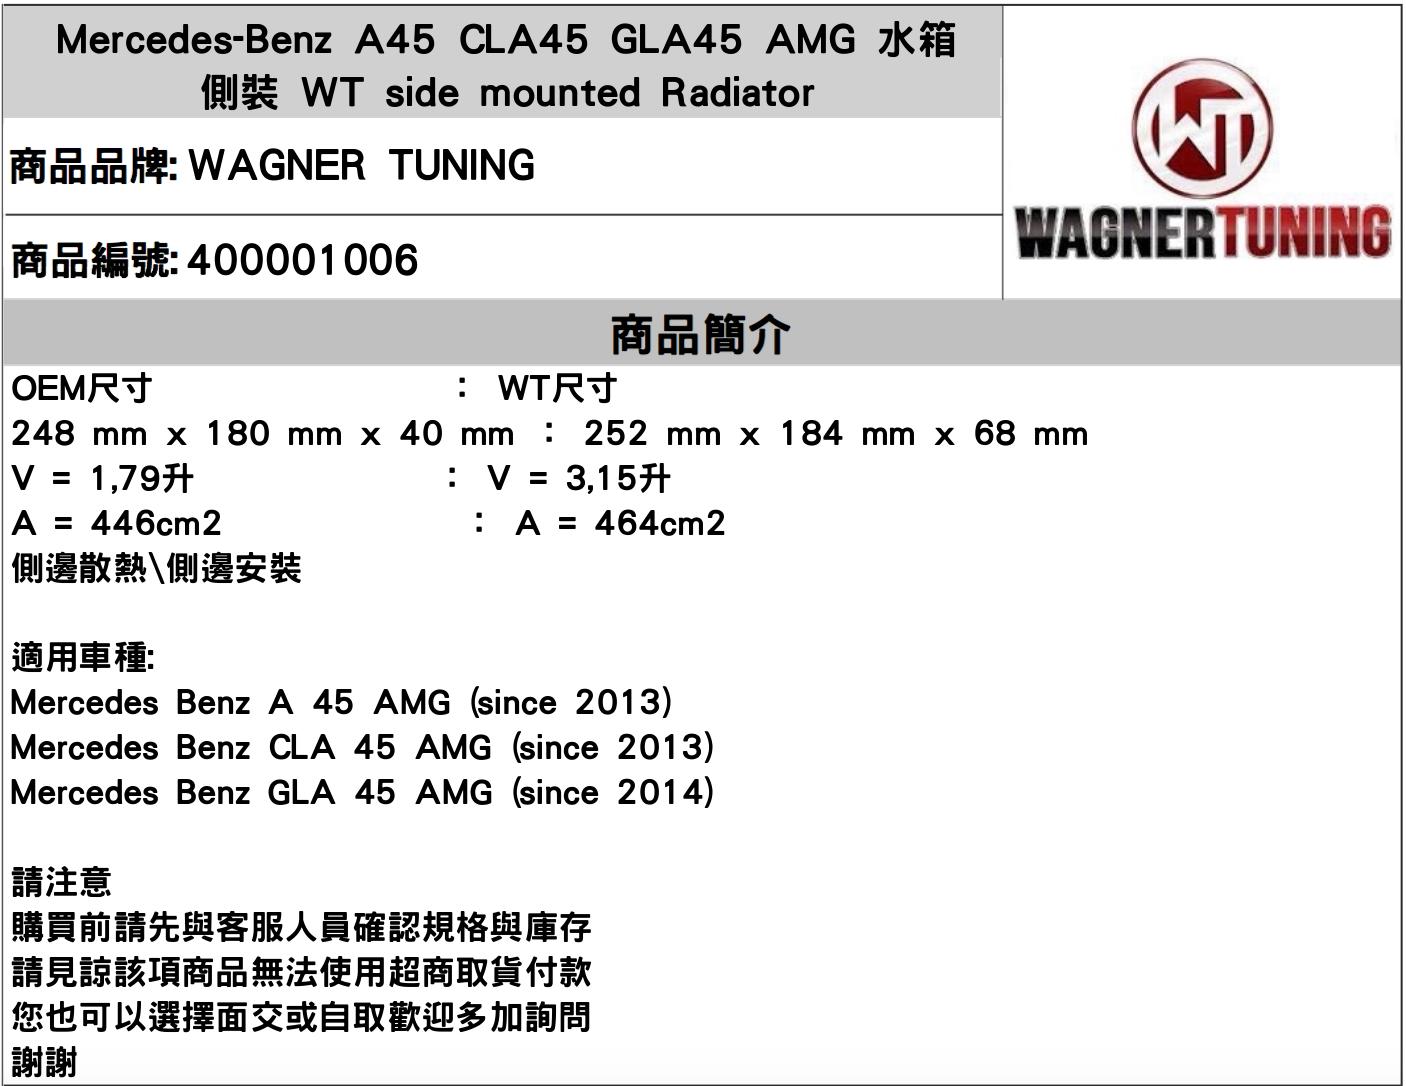 MercedesBenz A45 CLA45 GLA45 AMG 水箱 WT side mounted Radiator